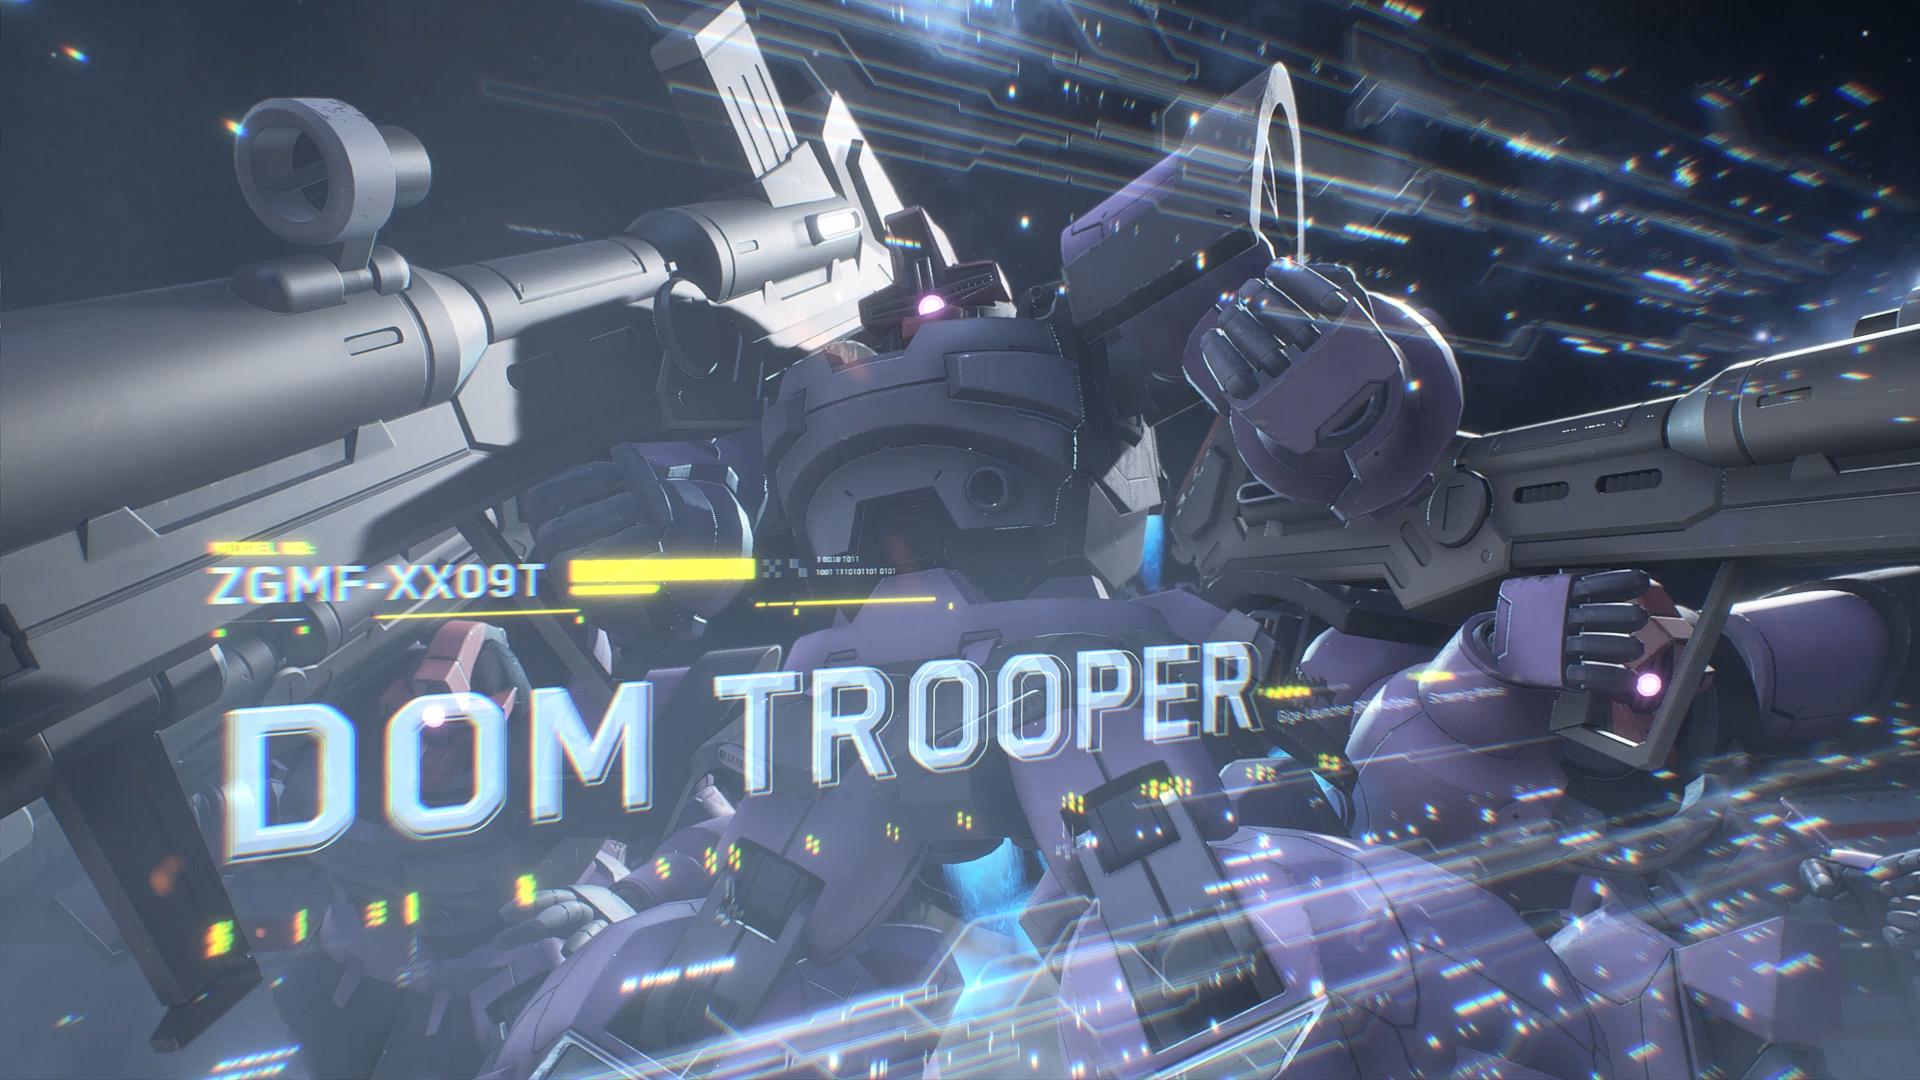 「機動戦士ガンダム SEED DESTINY」からはドムトルーパーが参戦。ビーム砲&バズーカの複合メインウェポンとホバリング推進が特徴